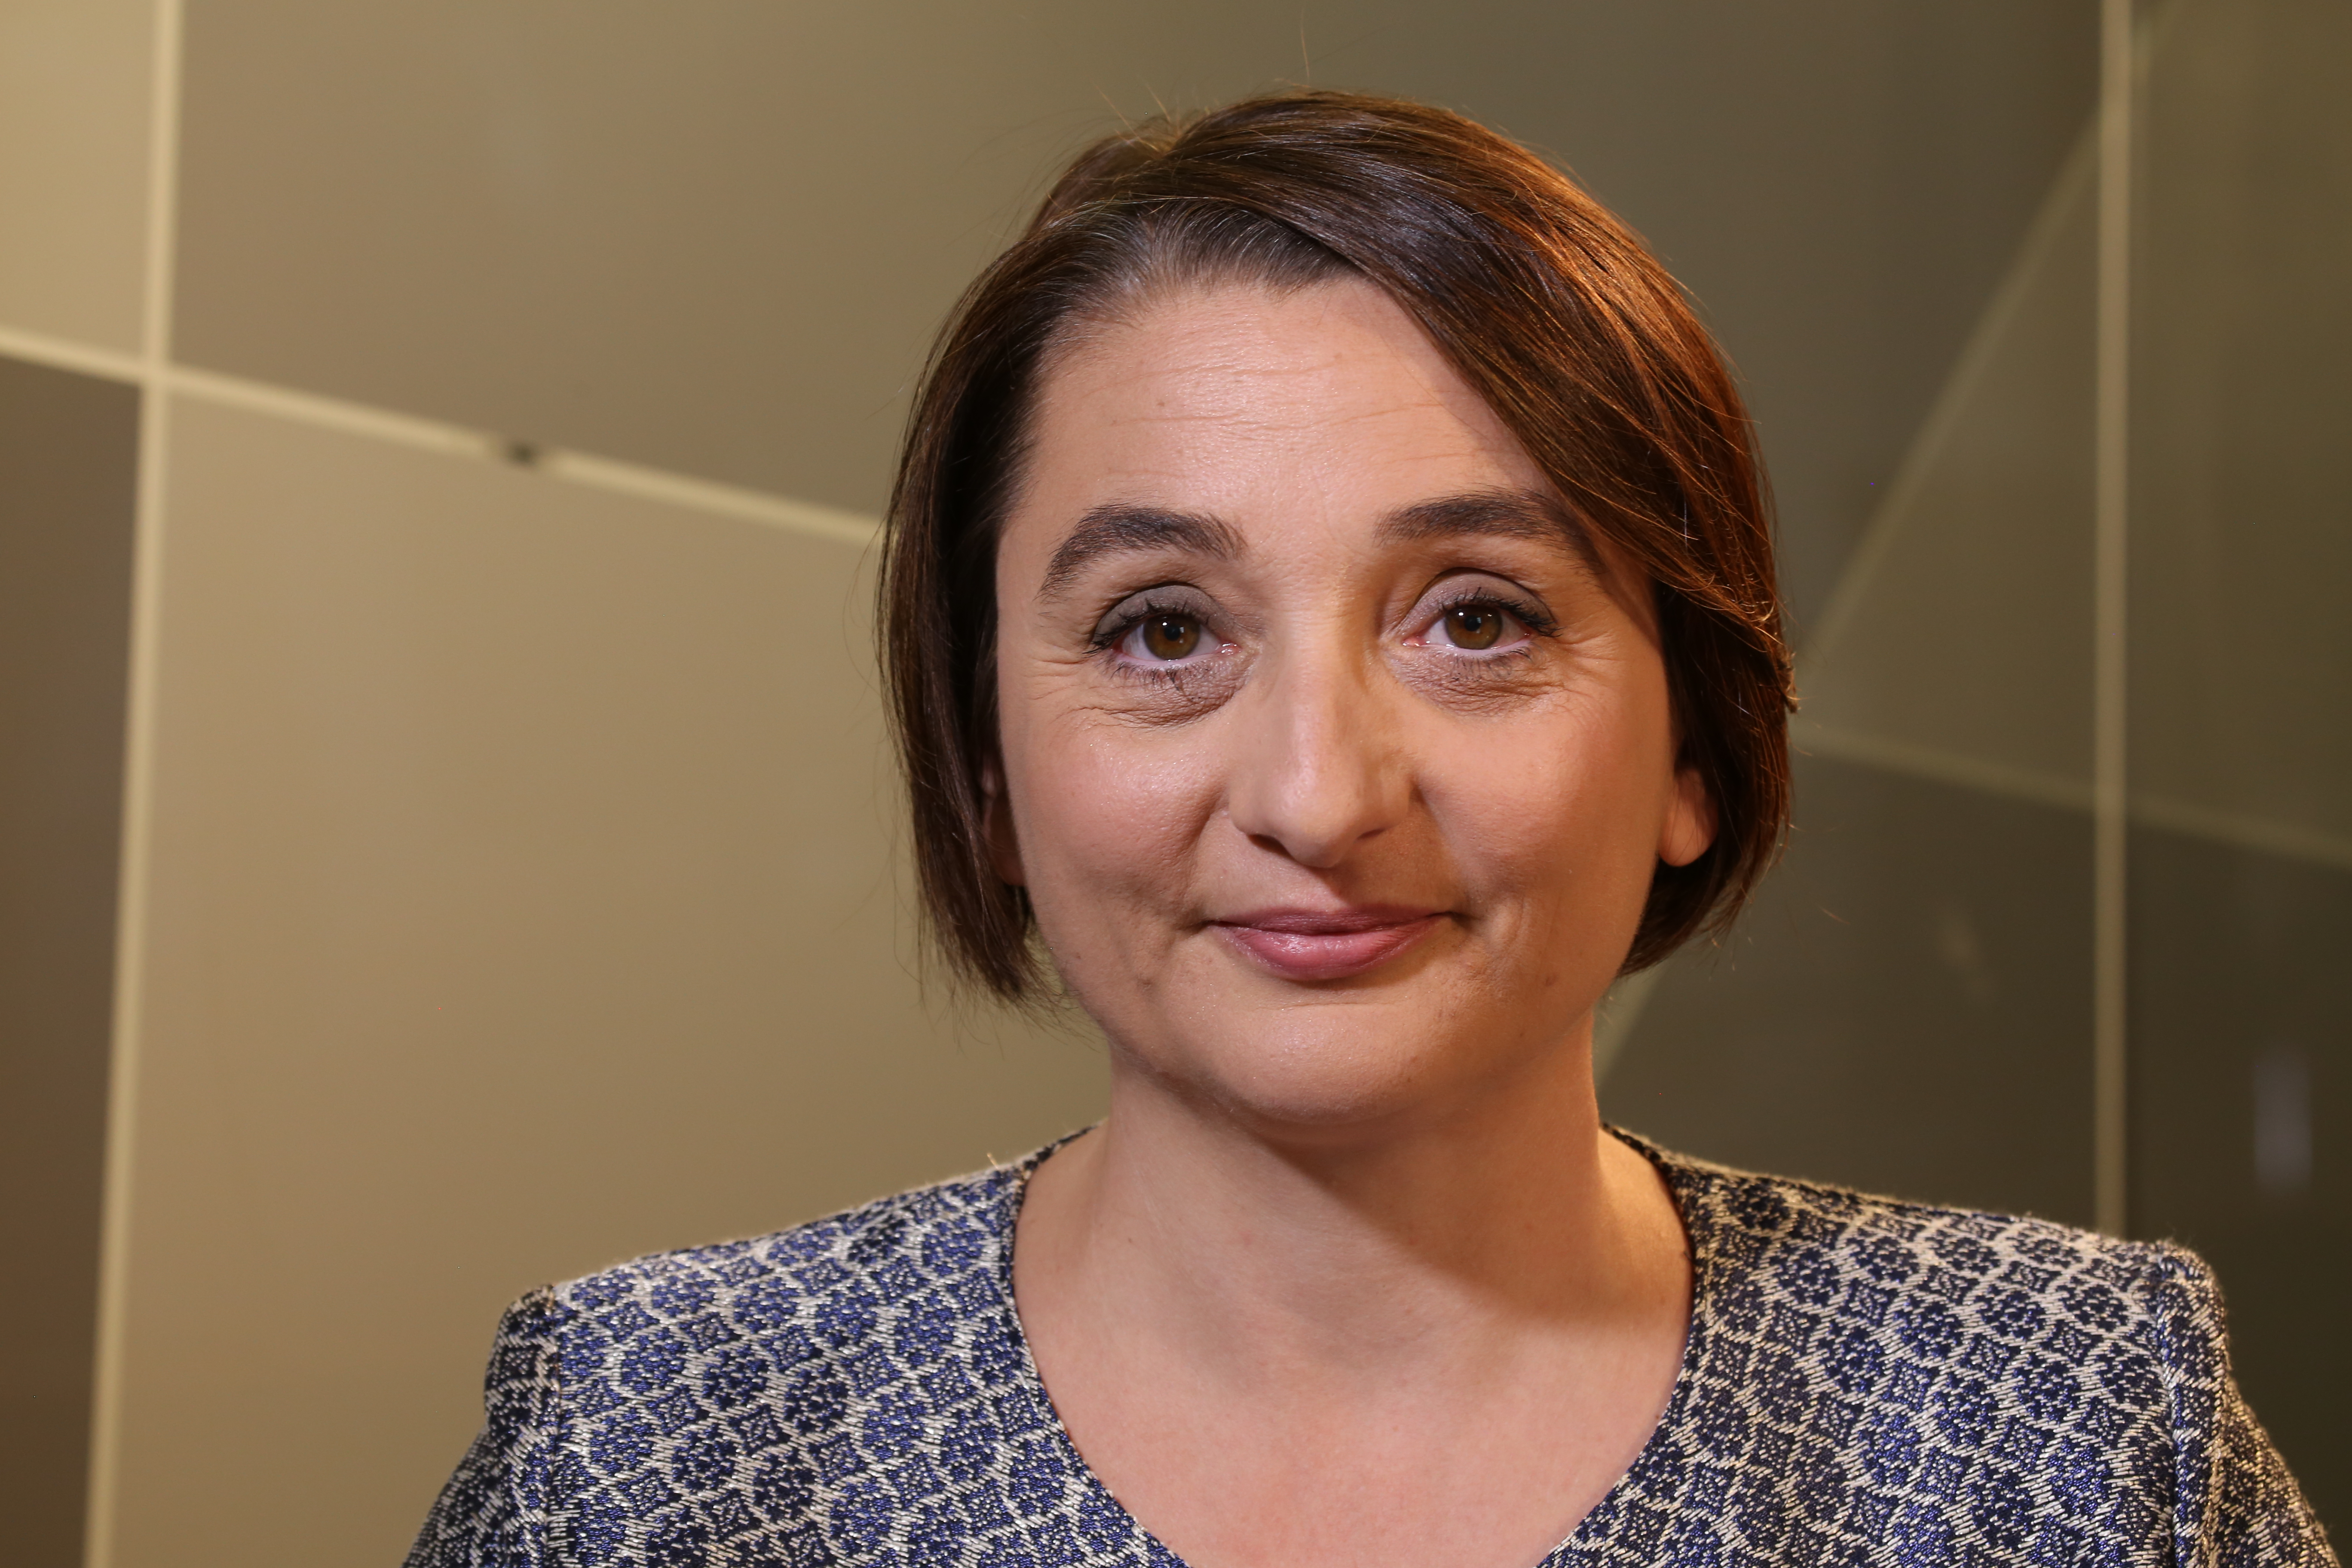 MARIA ANGELA ALBERTOTTI - Bancassicurazione